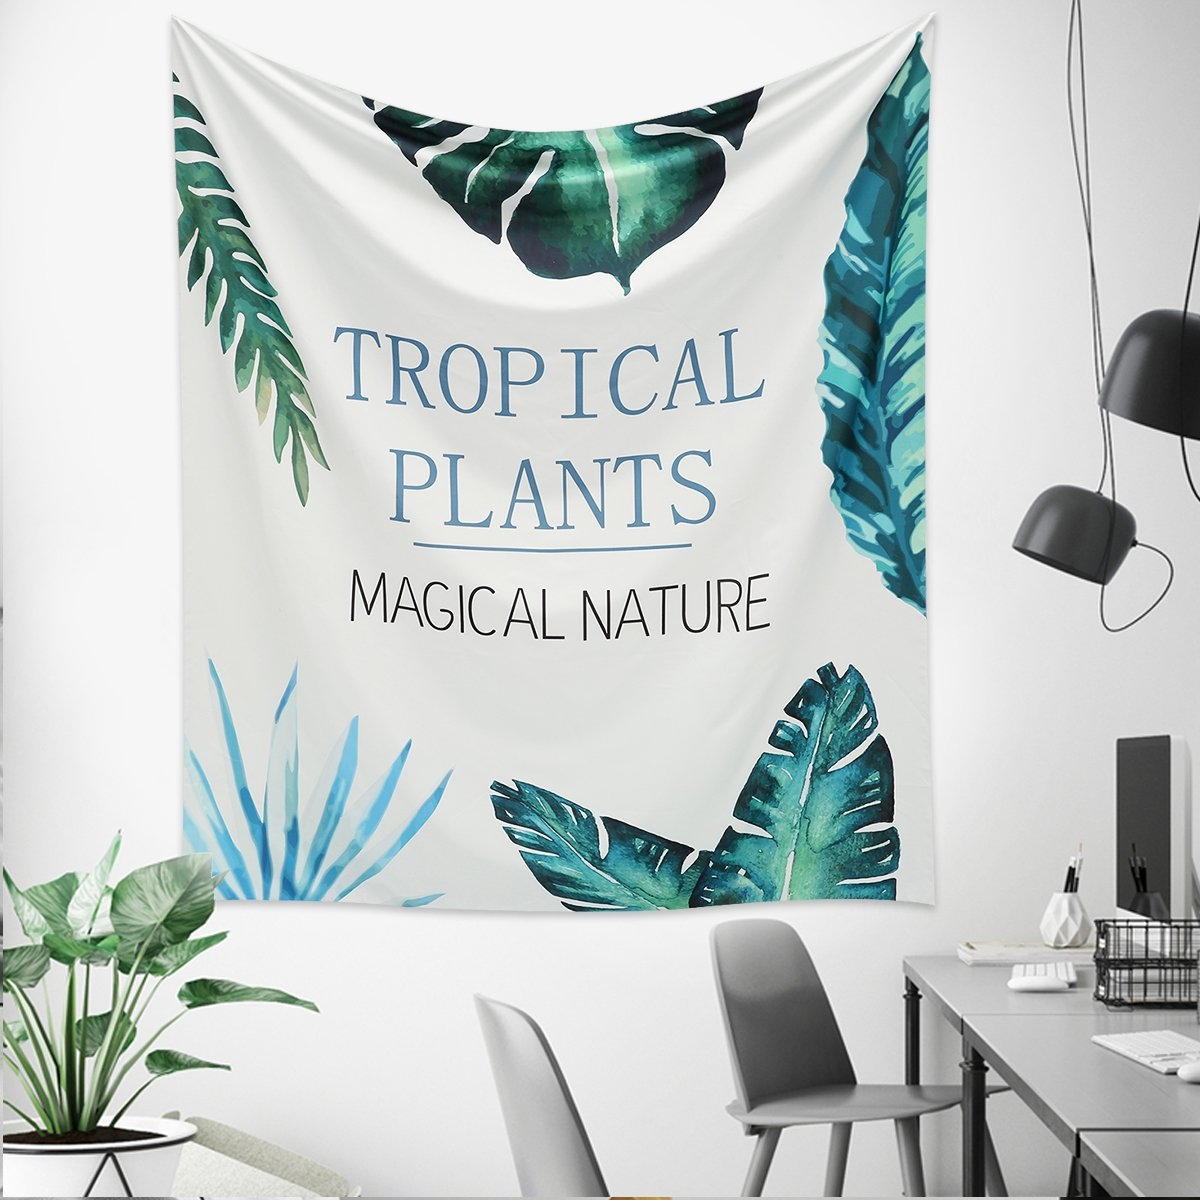 Jeteven Tapisserie Murale Mandala Tenture Tapisserie Hippie Couverture Pique-Nique Nappe Tapisserie Indienne (Tropical Plants 150 x 130cm)